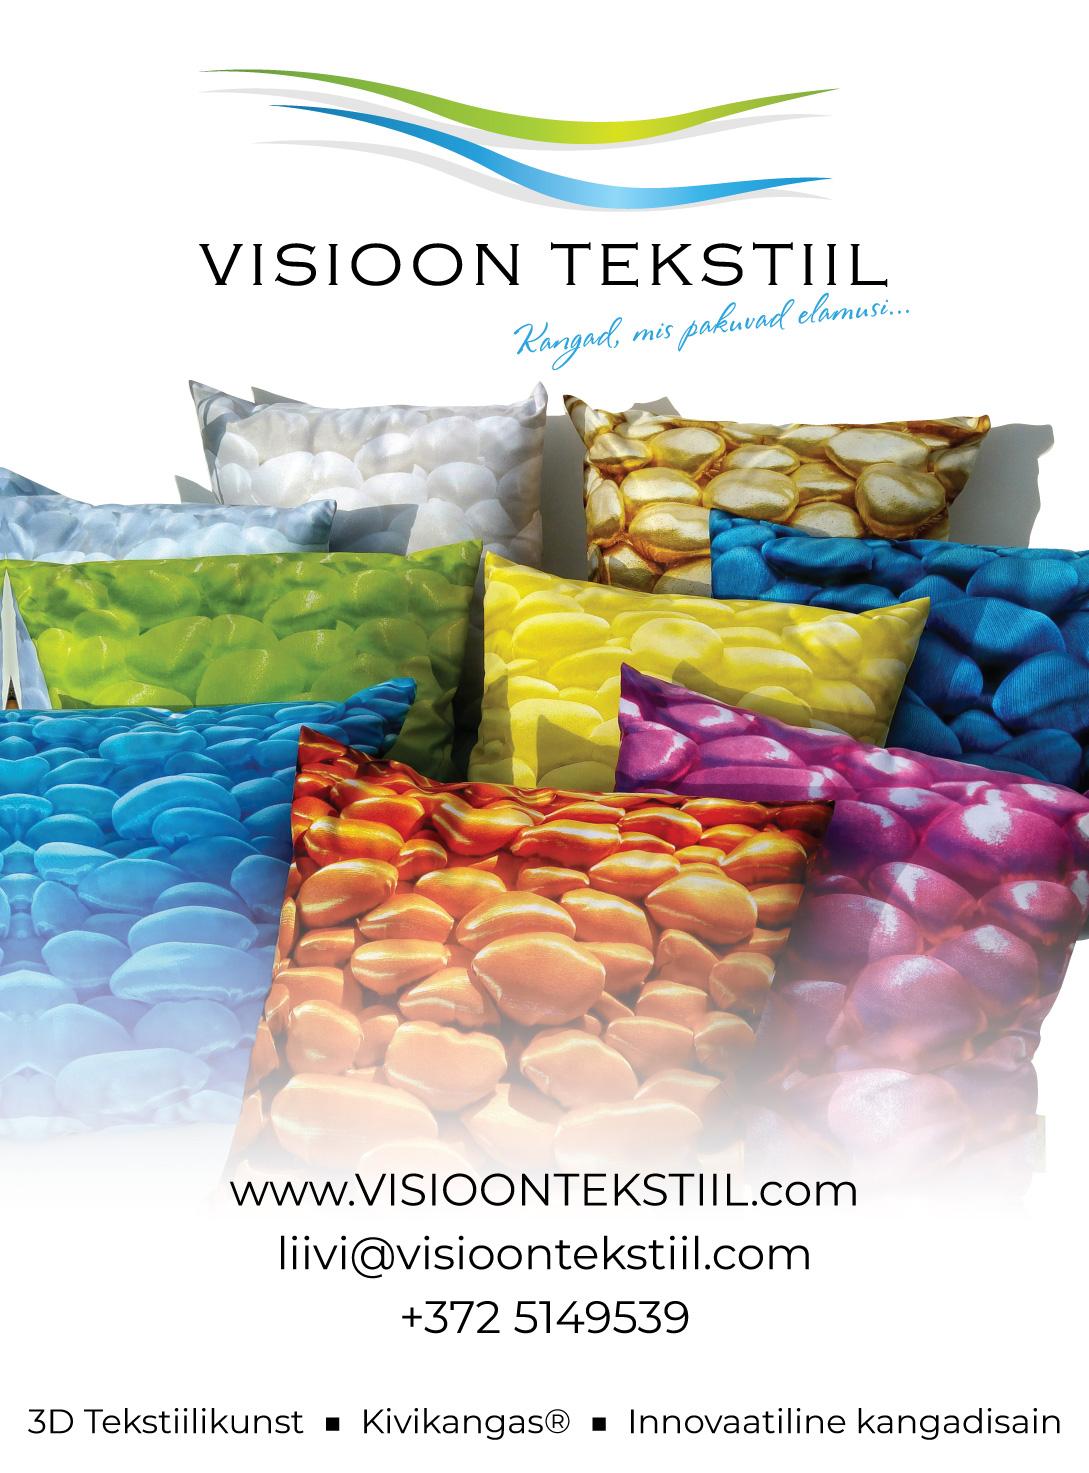 Liivi Leppik & Visioon tekstiil